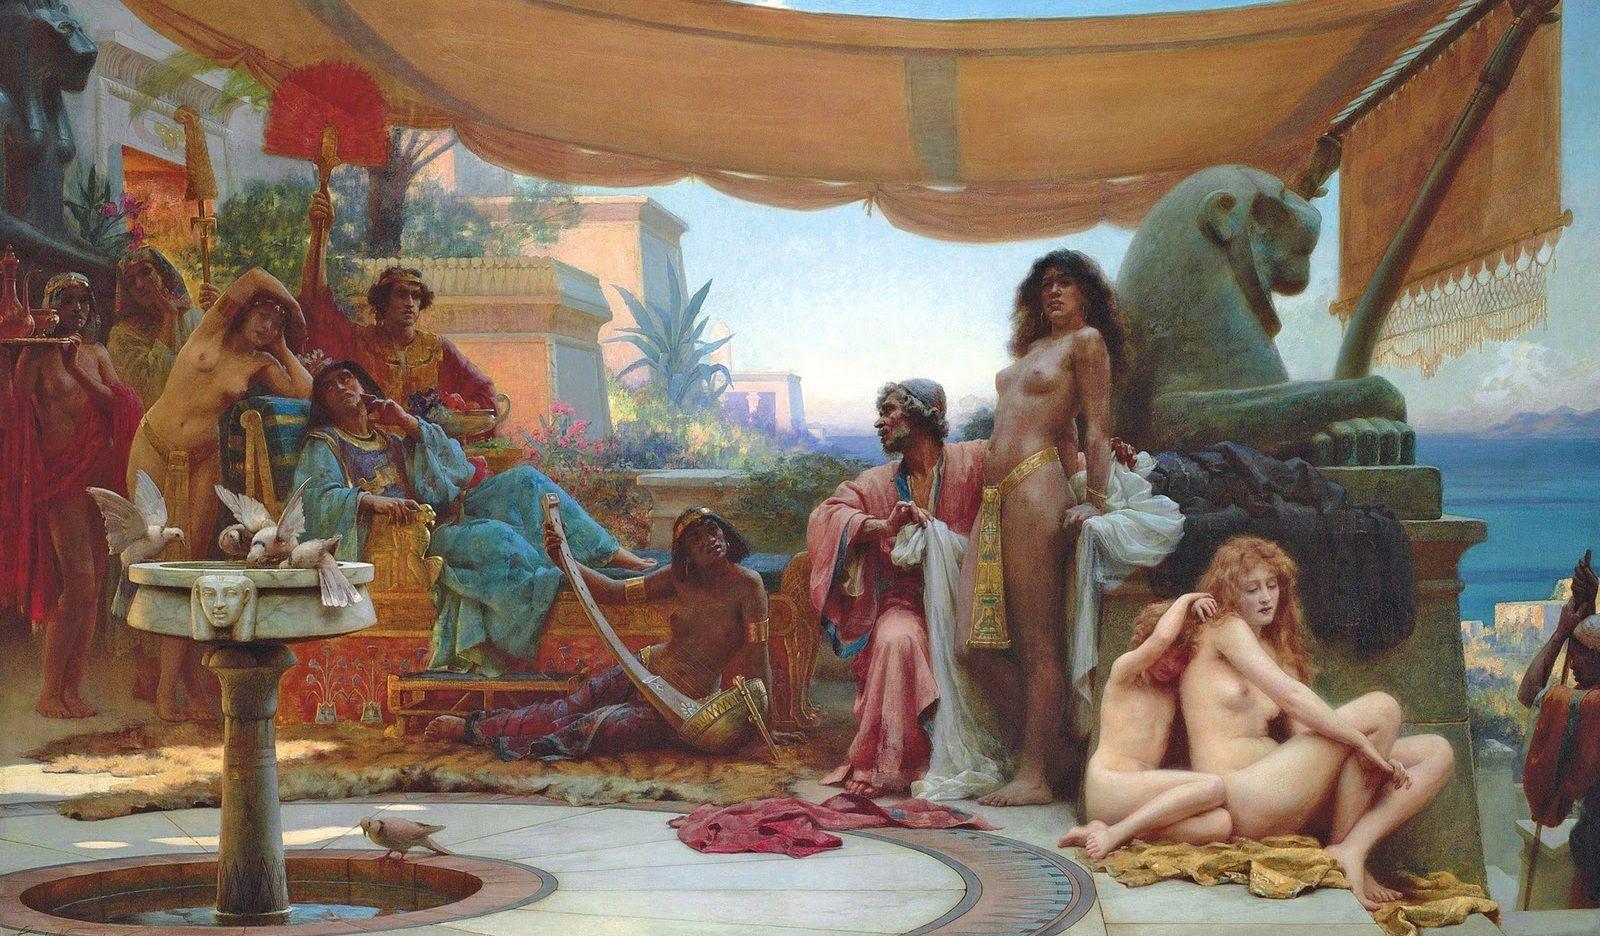 Рабыня эро истории, Бытовая рабыня - порно рассказ 27 фотография